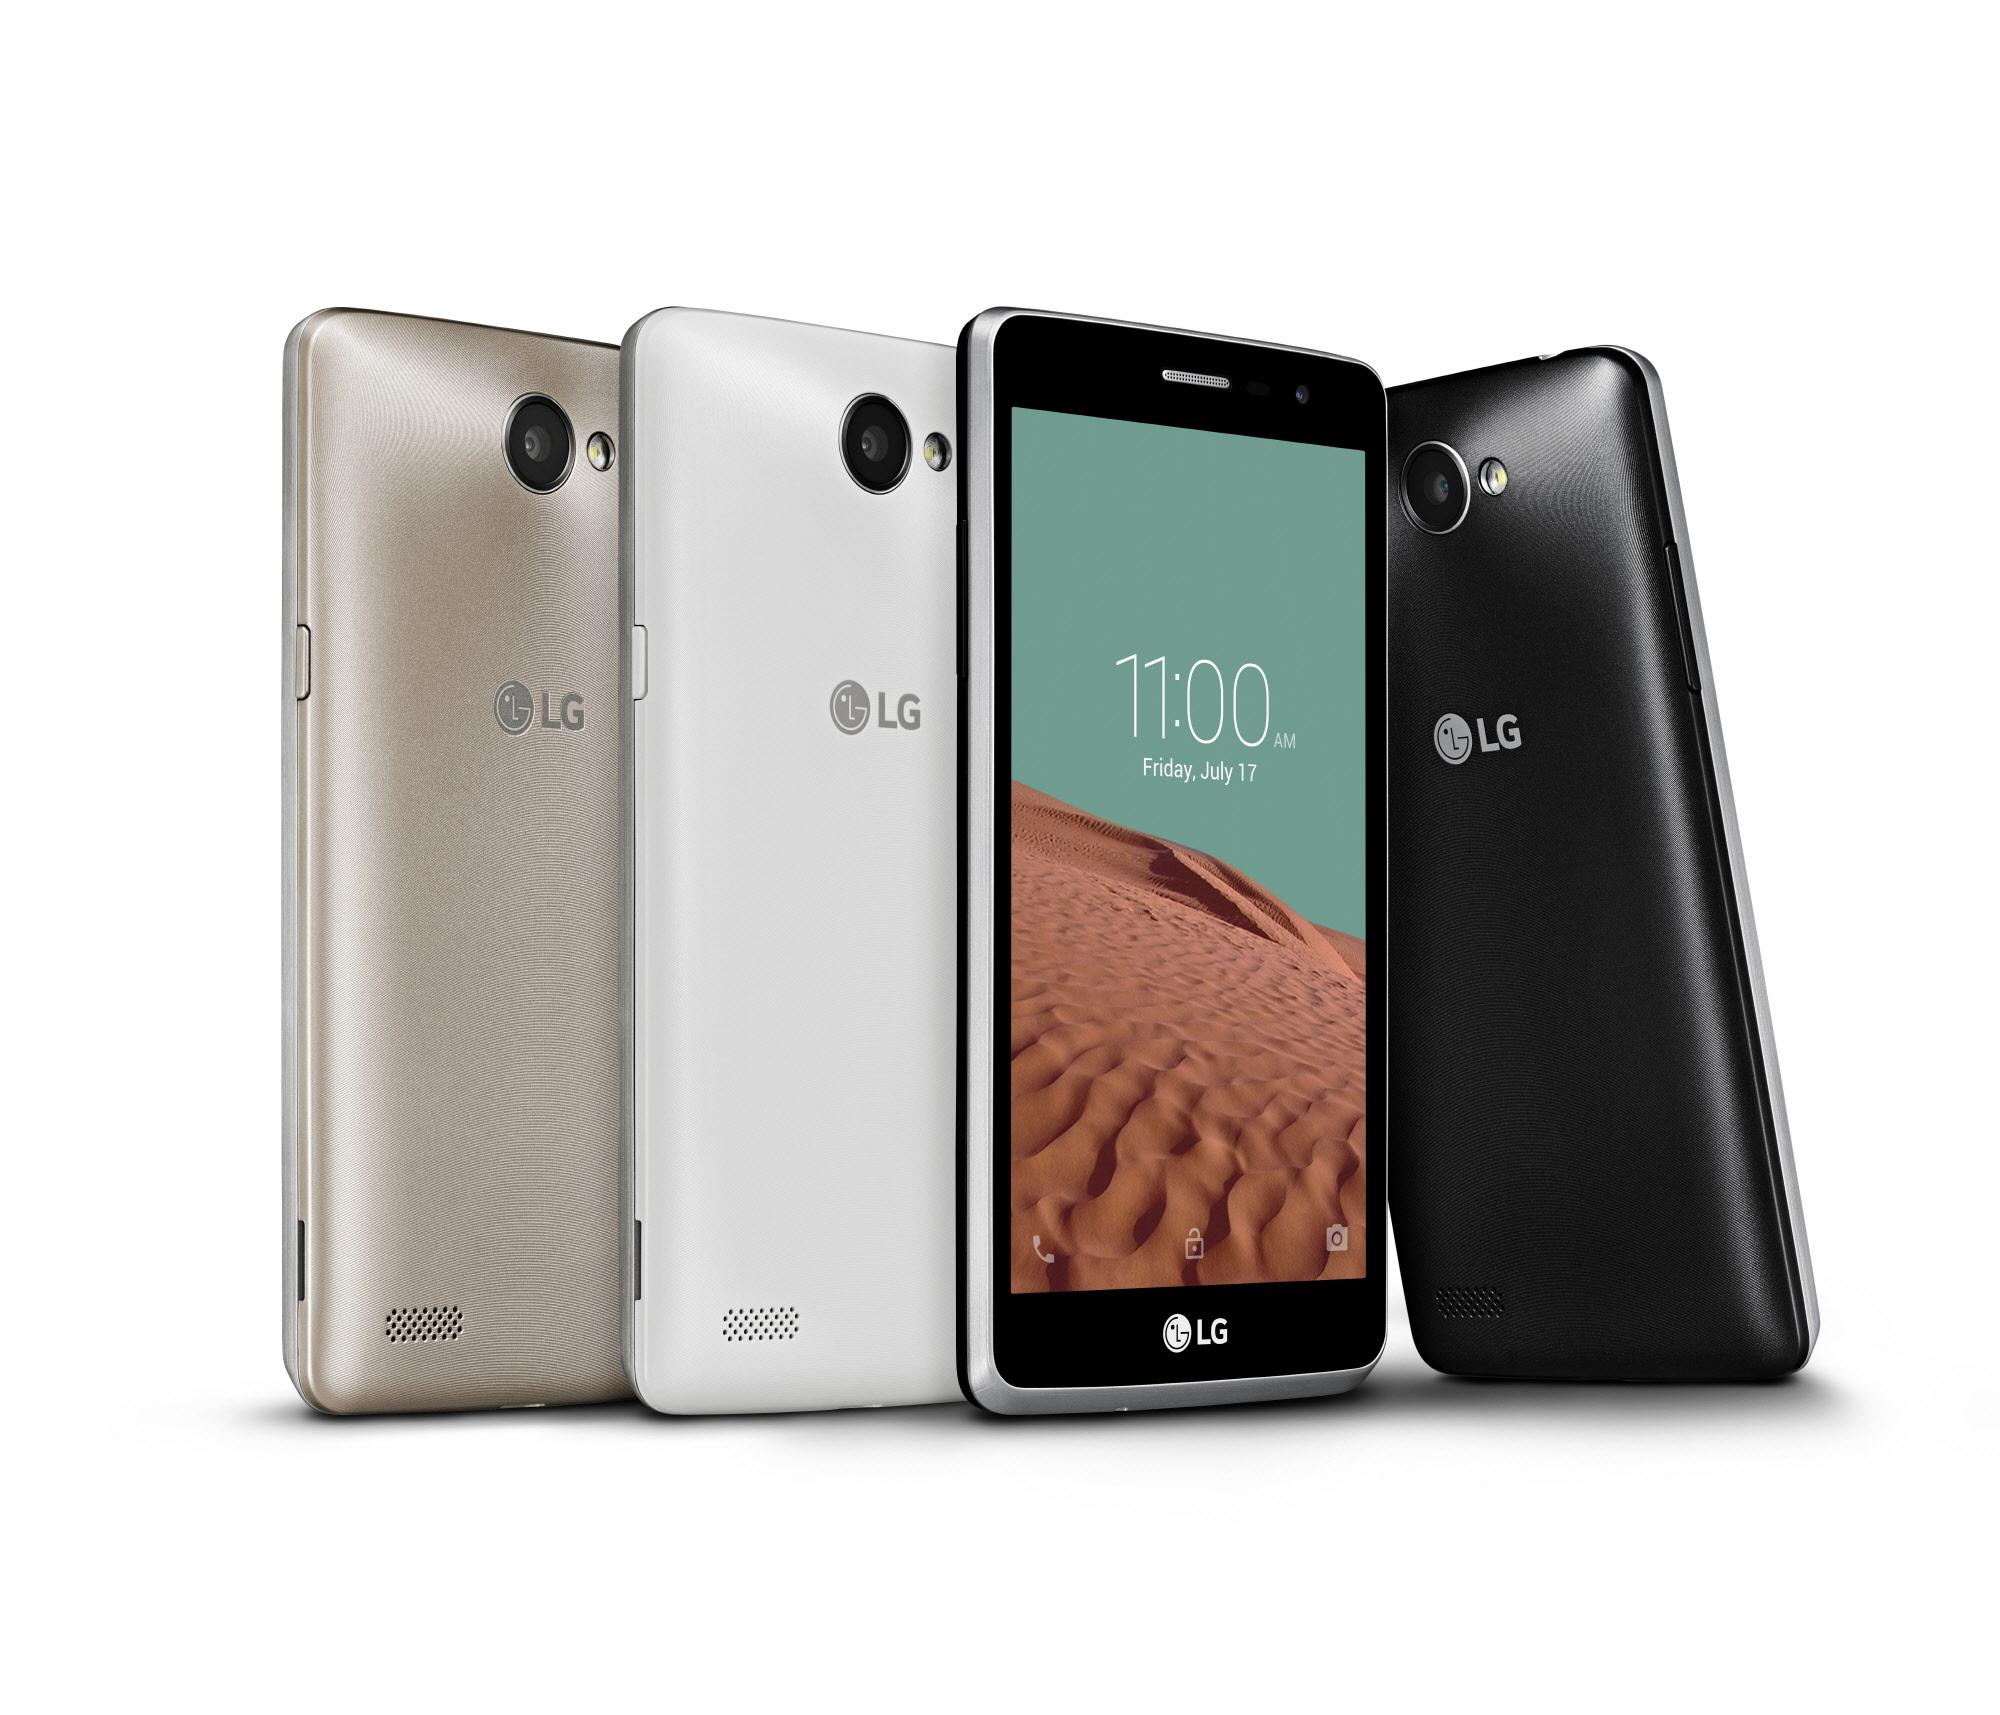 Bello II: LG stellt neues Einsteiger-Smartphone für 150 Euro vor - Das neue LG Bello II (Bild: LG)